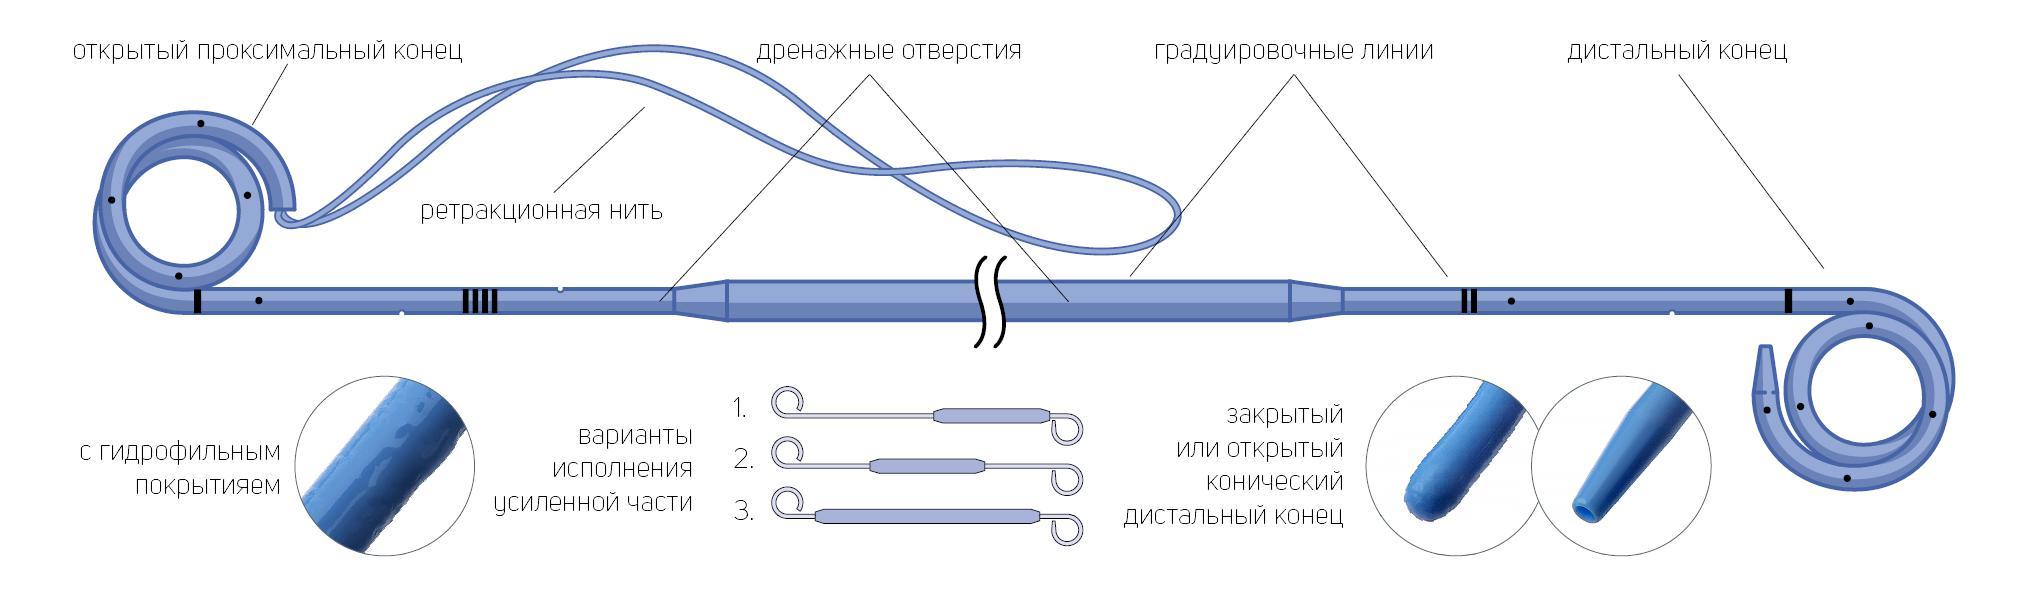 Стент мочеточниковый онкологический двухпетлевой с гидрофильным покрытием с мультидлиной с ретракционной нитью